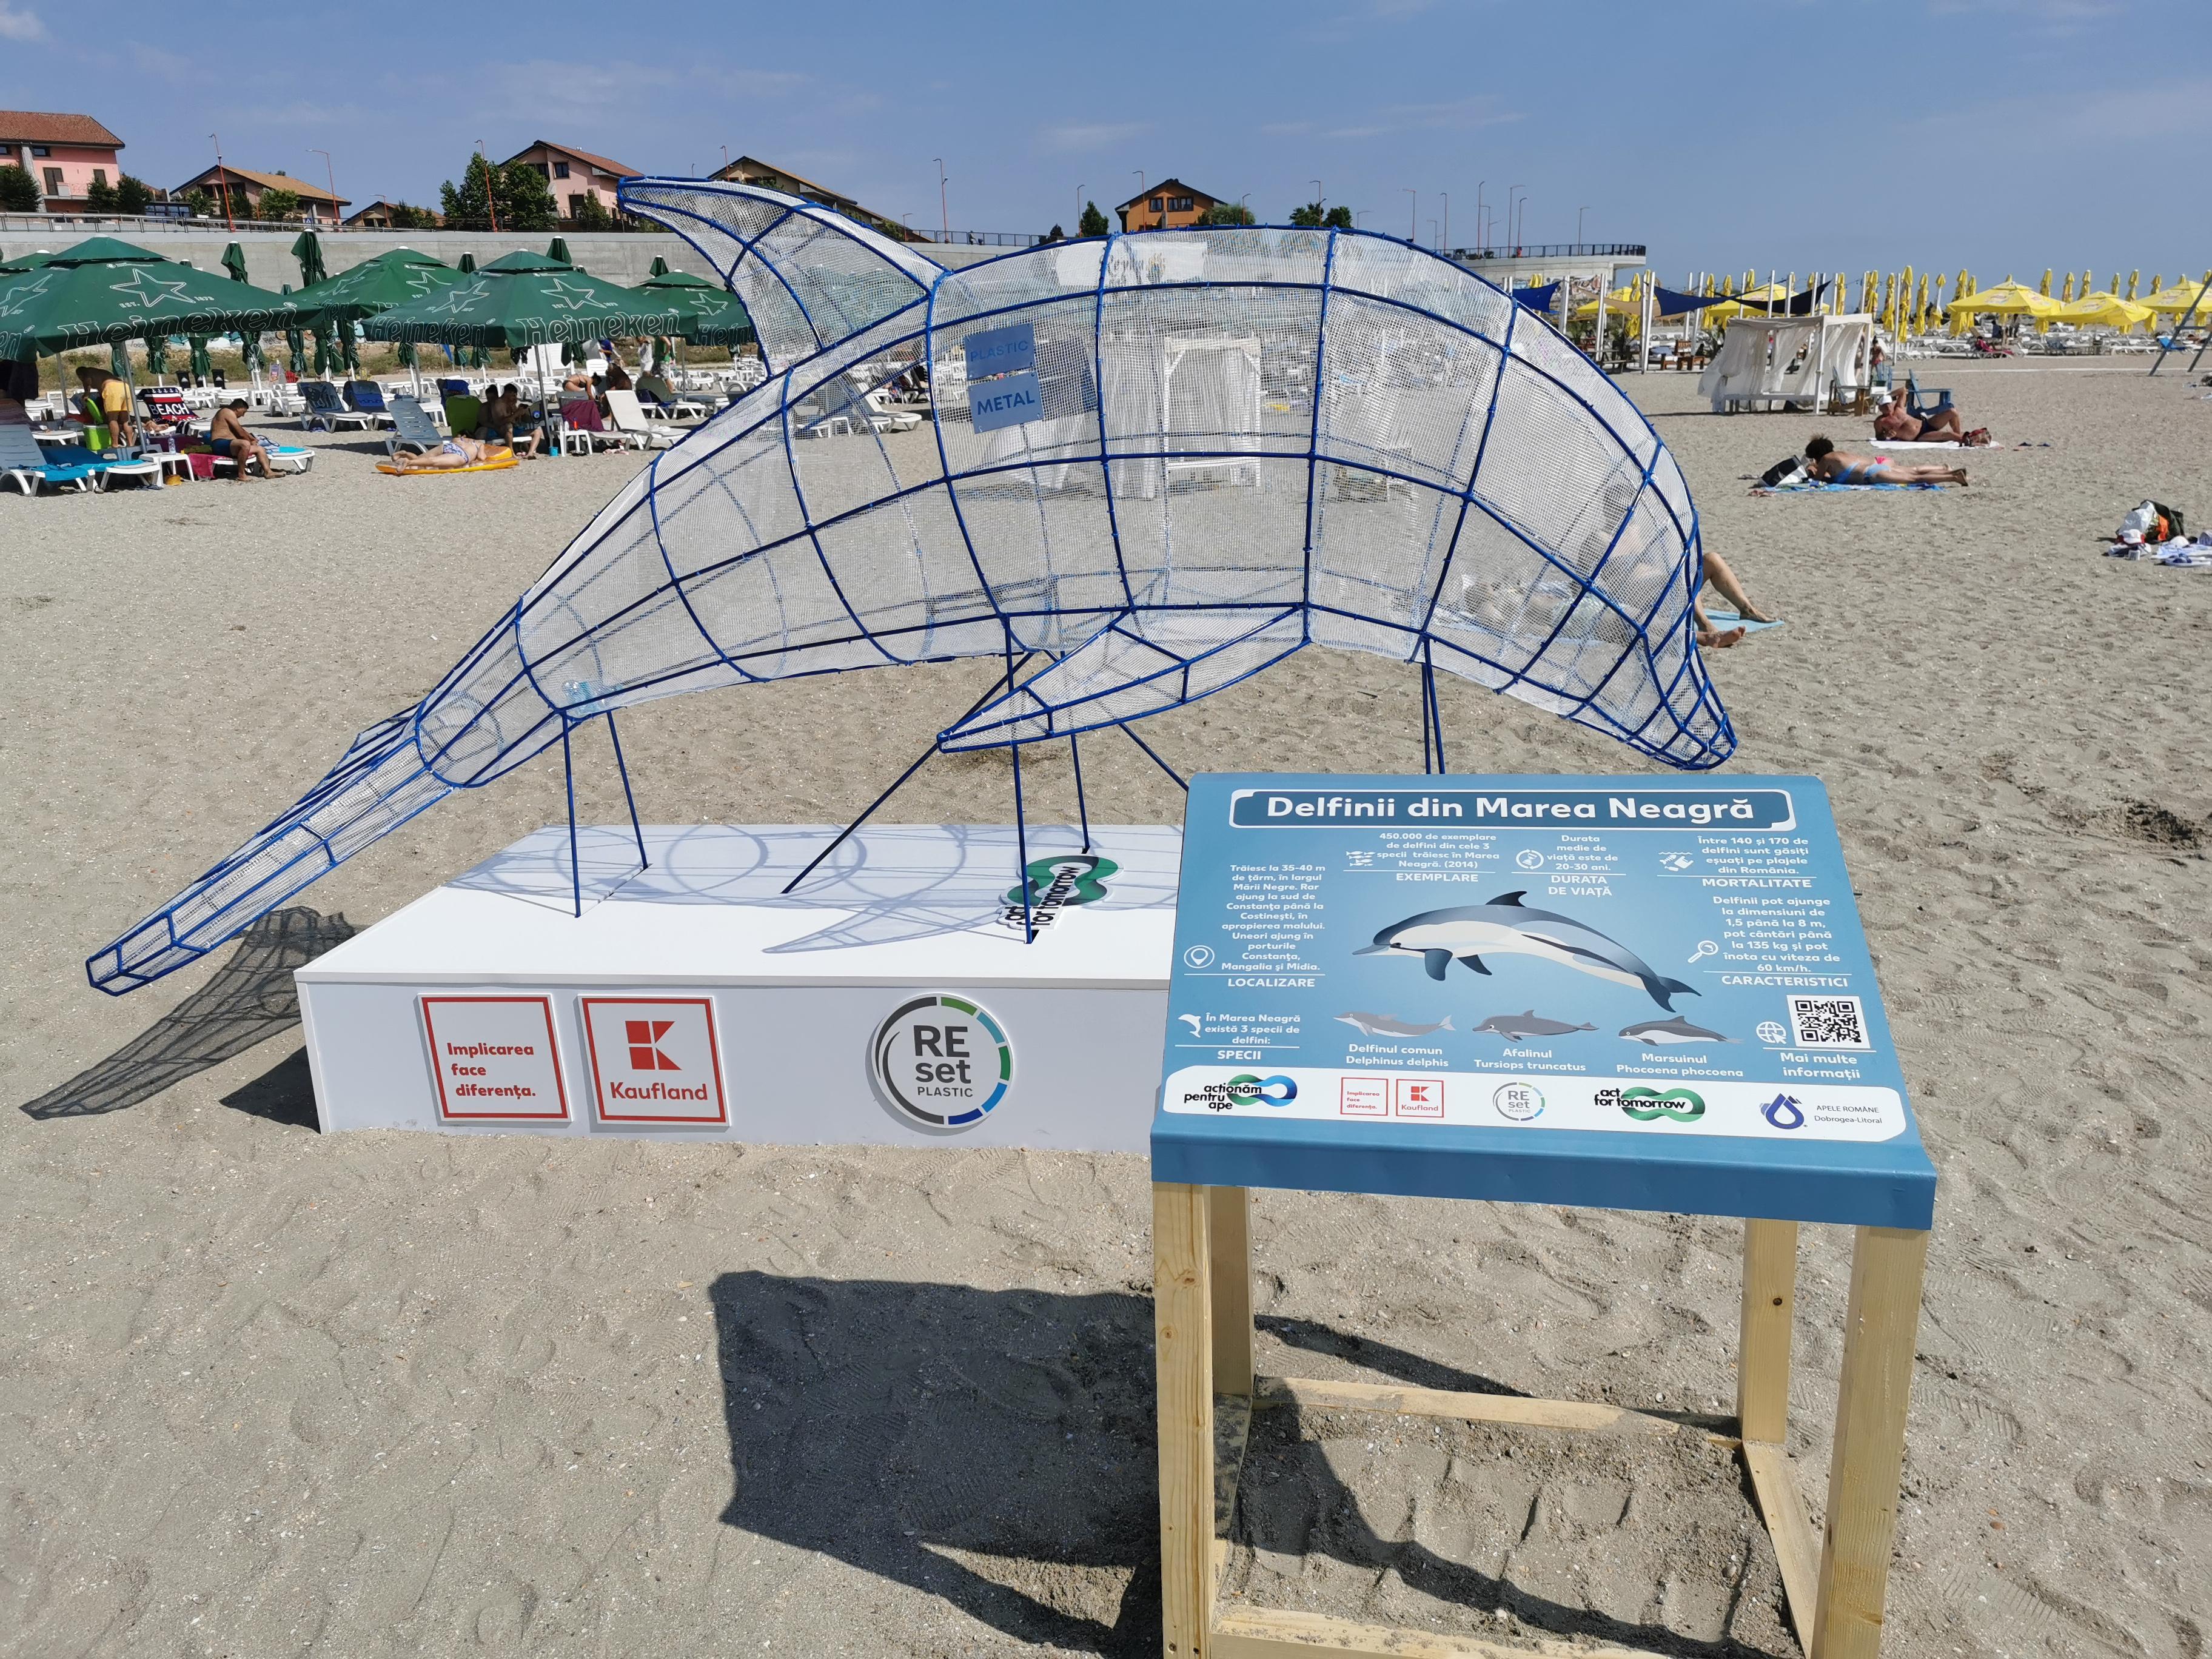 România are prima infrastructură de colectare sub formă de animale marine gigant pe plajele de la Marea Neagră